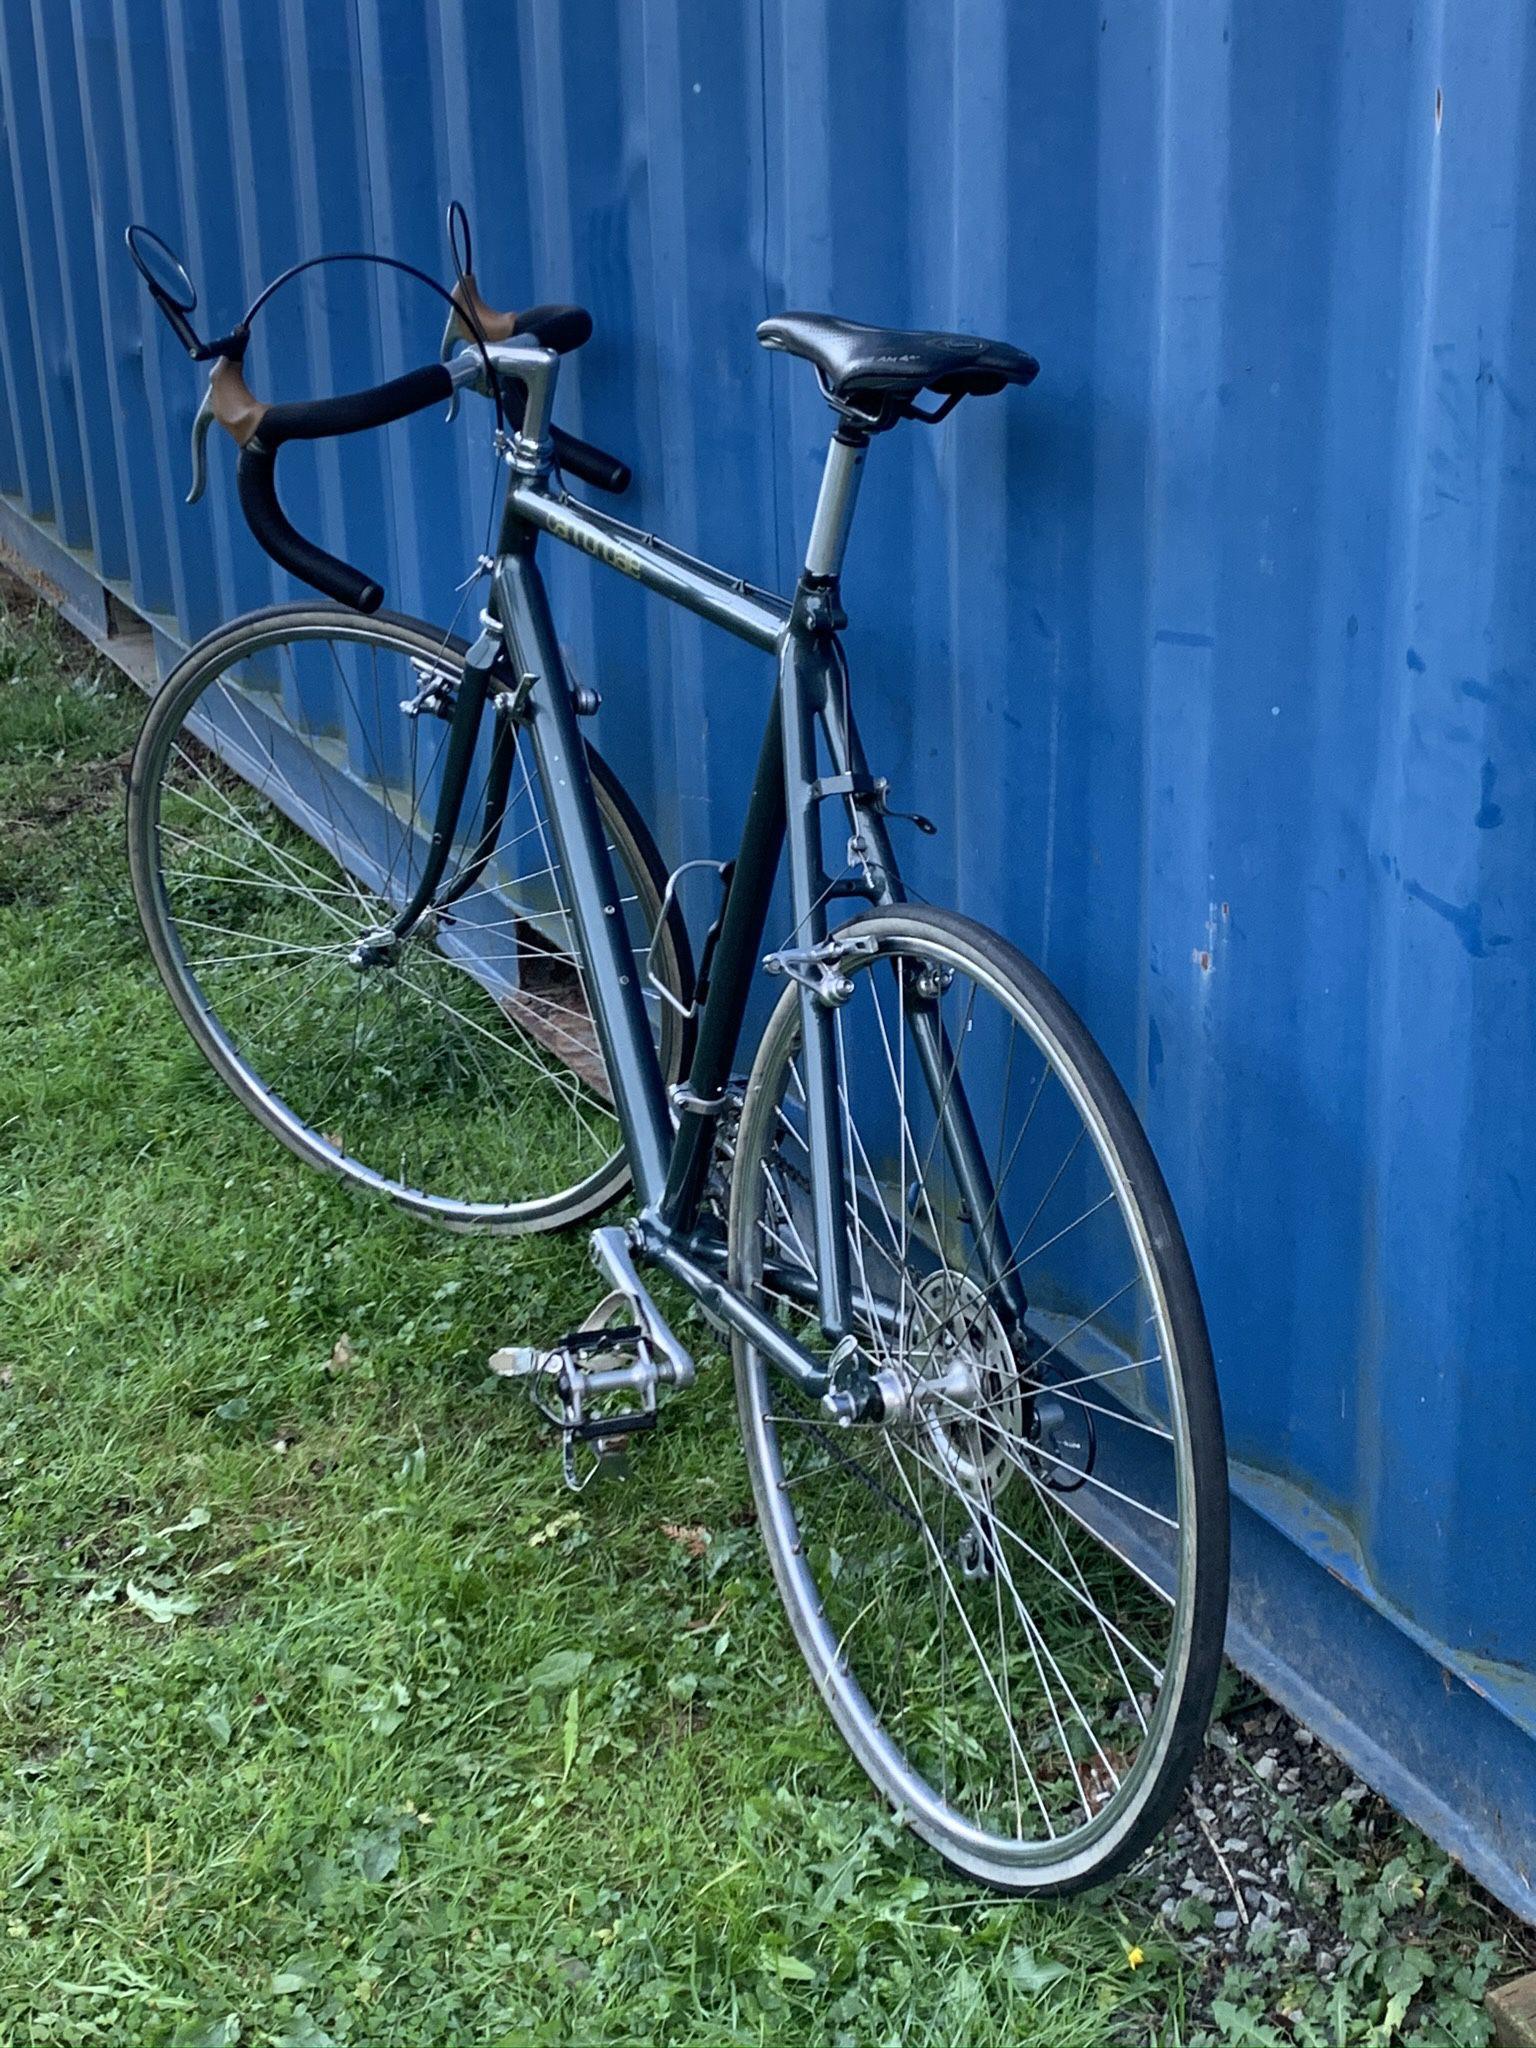 1987 Vintage Cannondale ST800 Road Bike